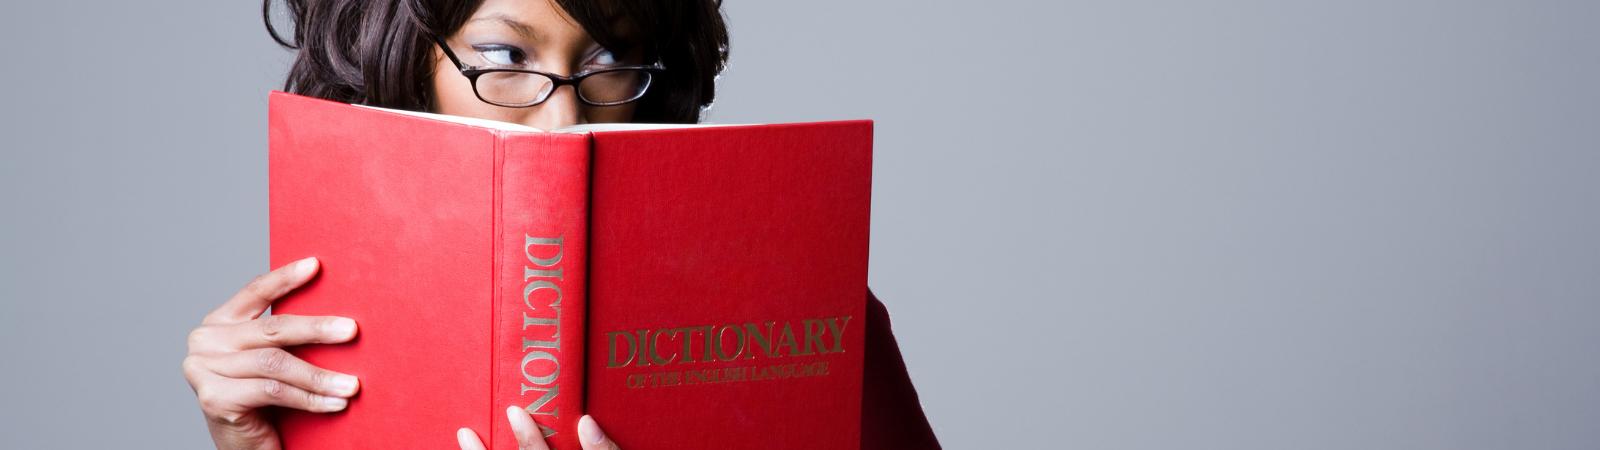 Slovník kontaktního centra